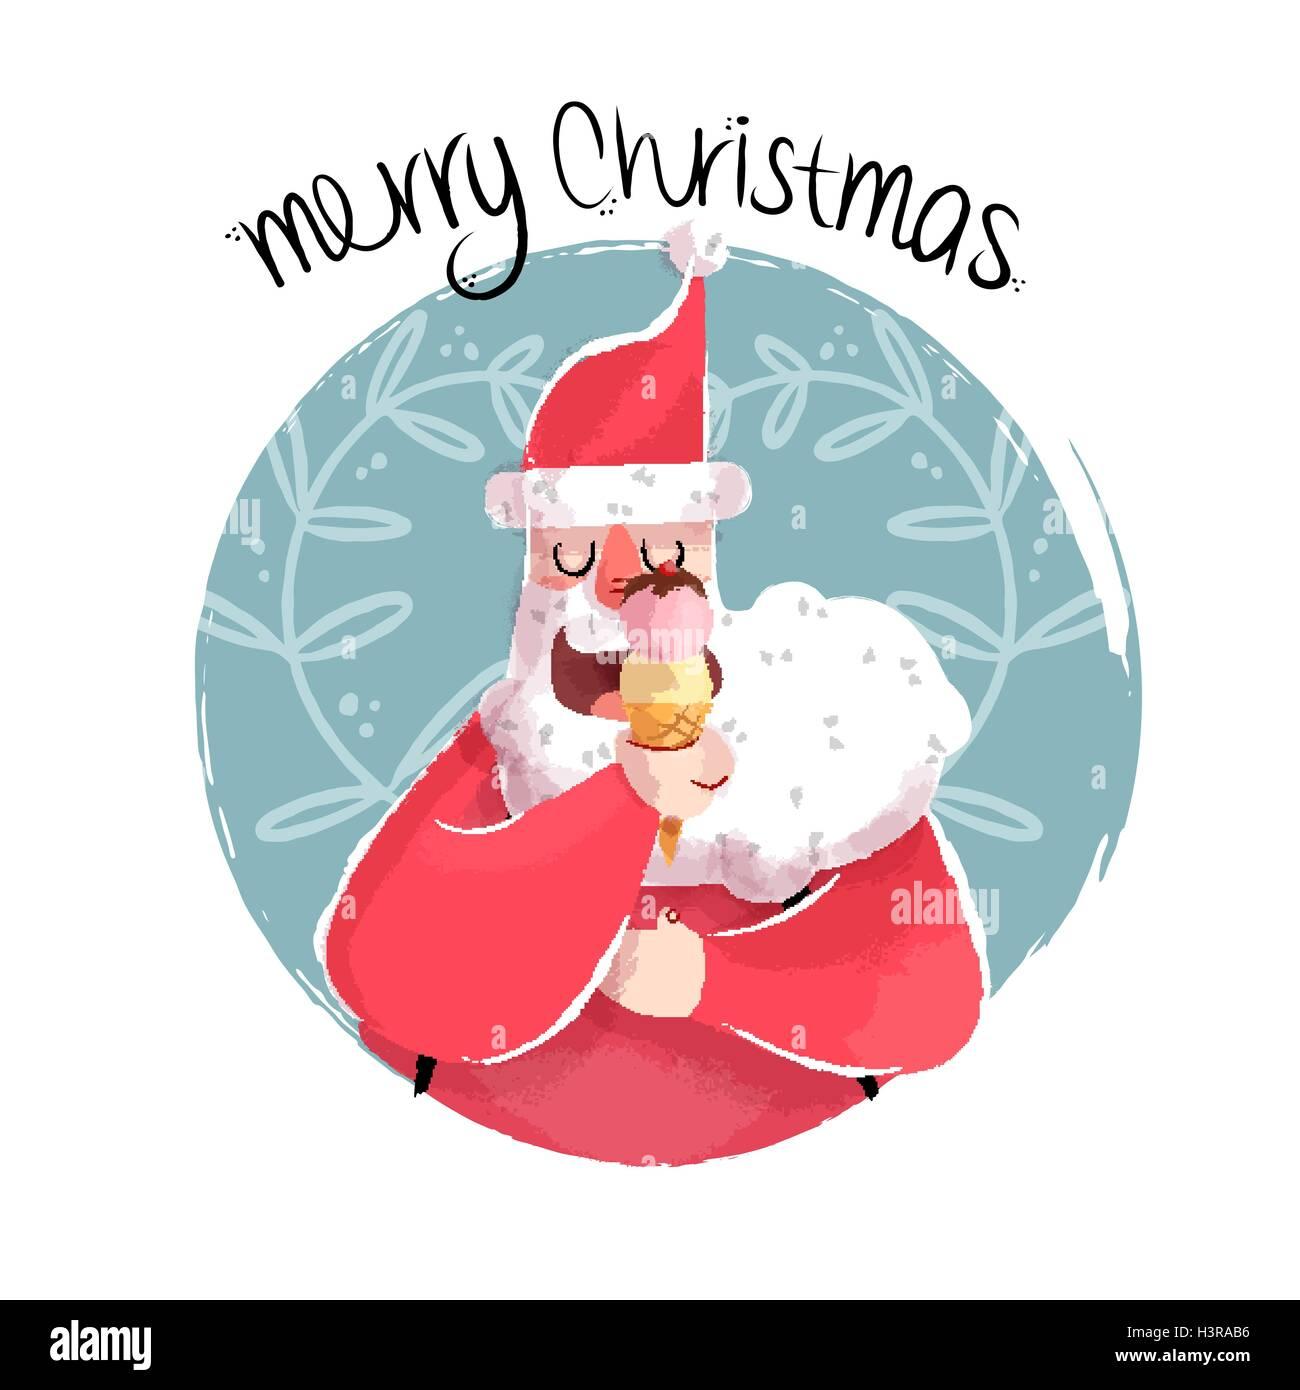 Buon Natale divertente disegnati a mano illustrazione di carino babbo natale  a mangiare il gelato cono. EPS10 vettore.